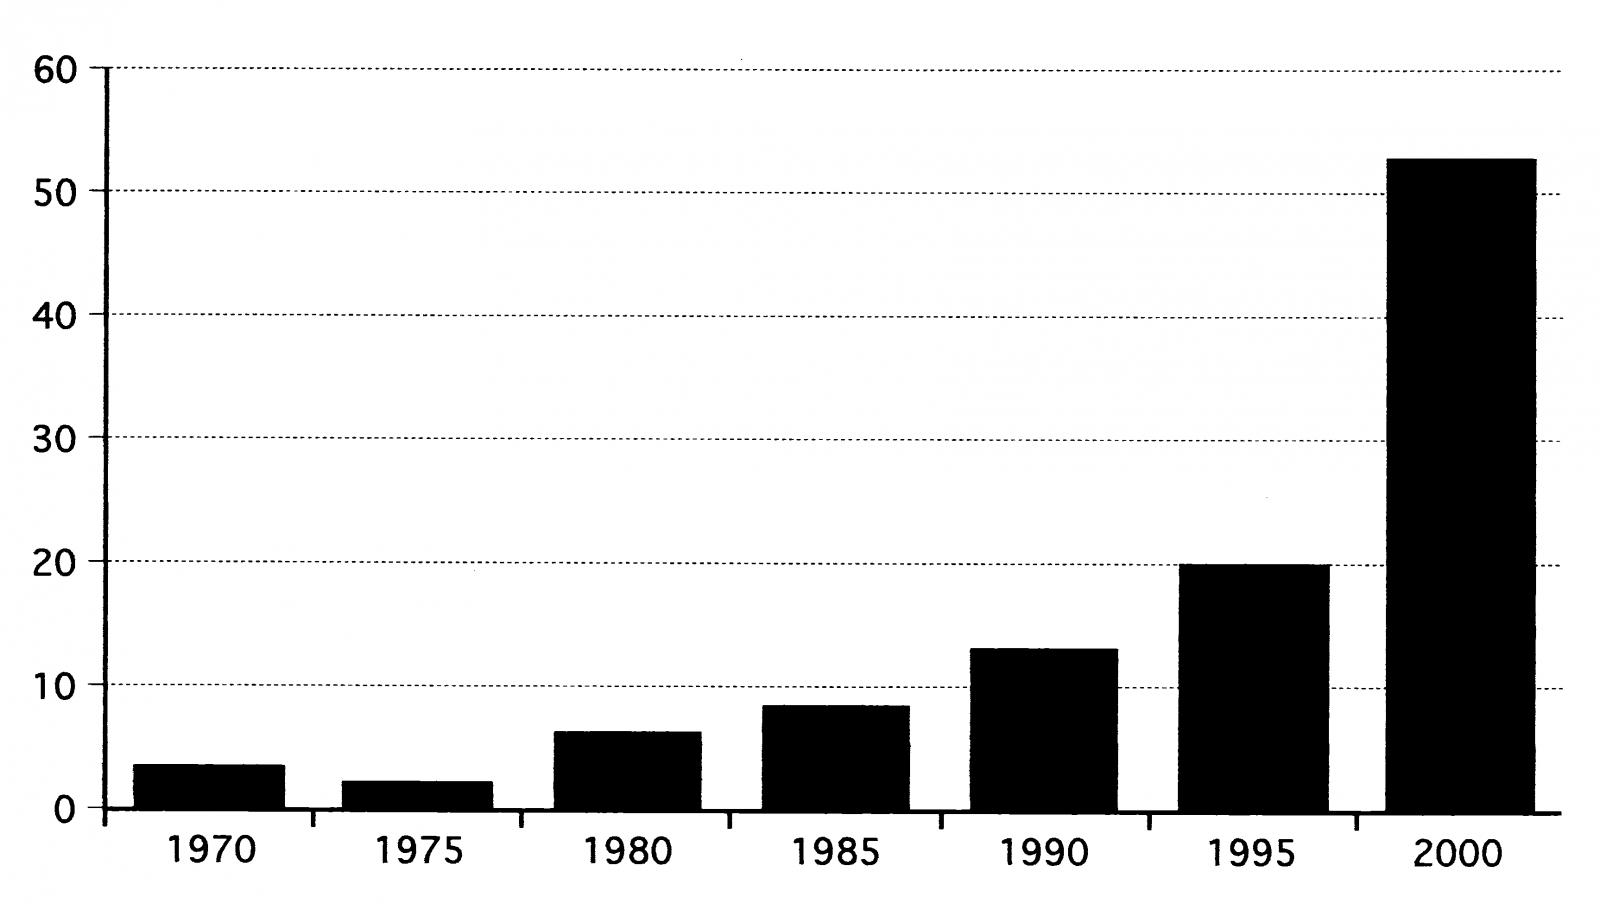 היקף המחסר היומי בבורסת AMEX (מיליוני מניות)